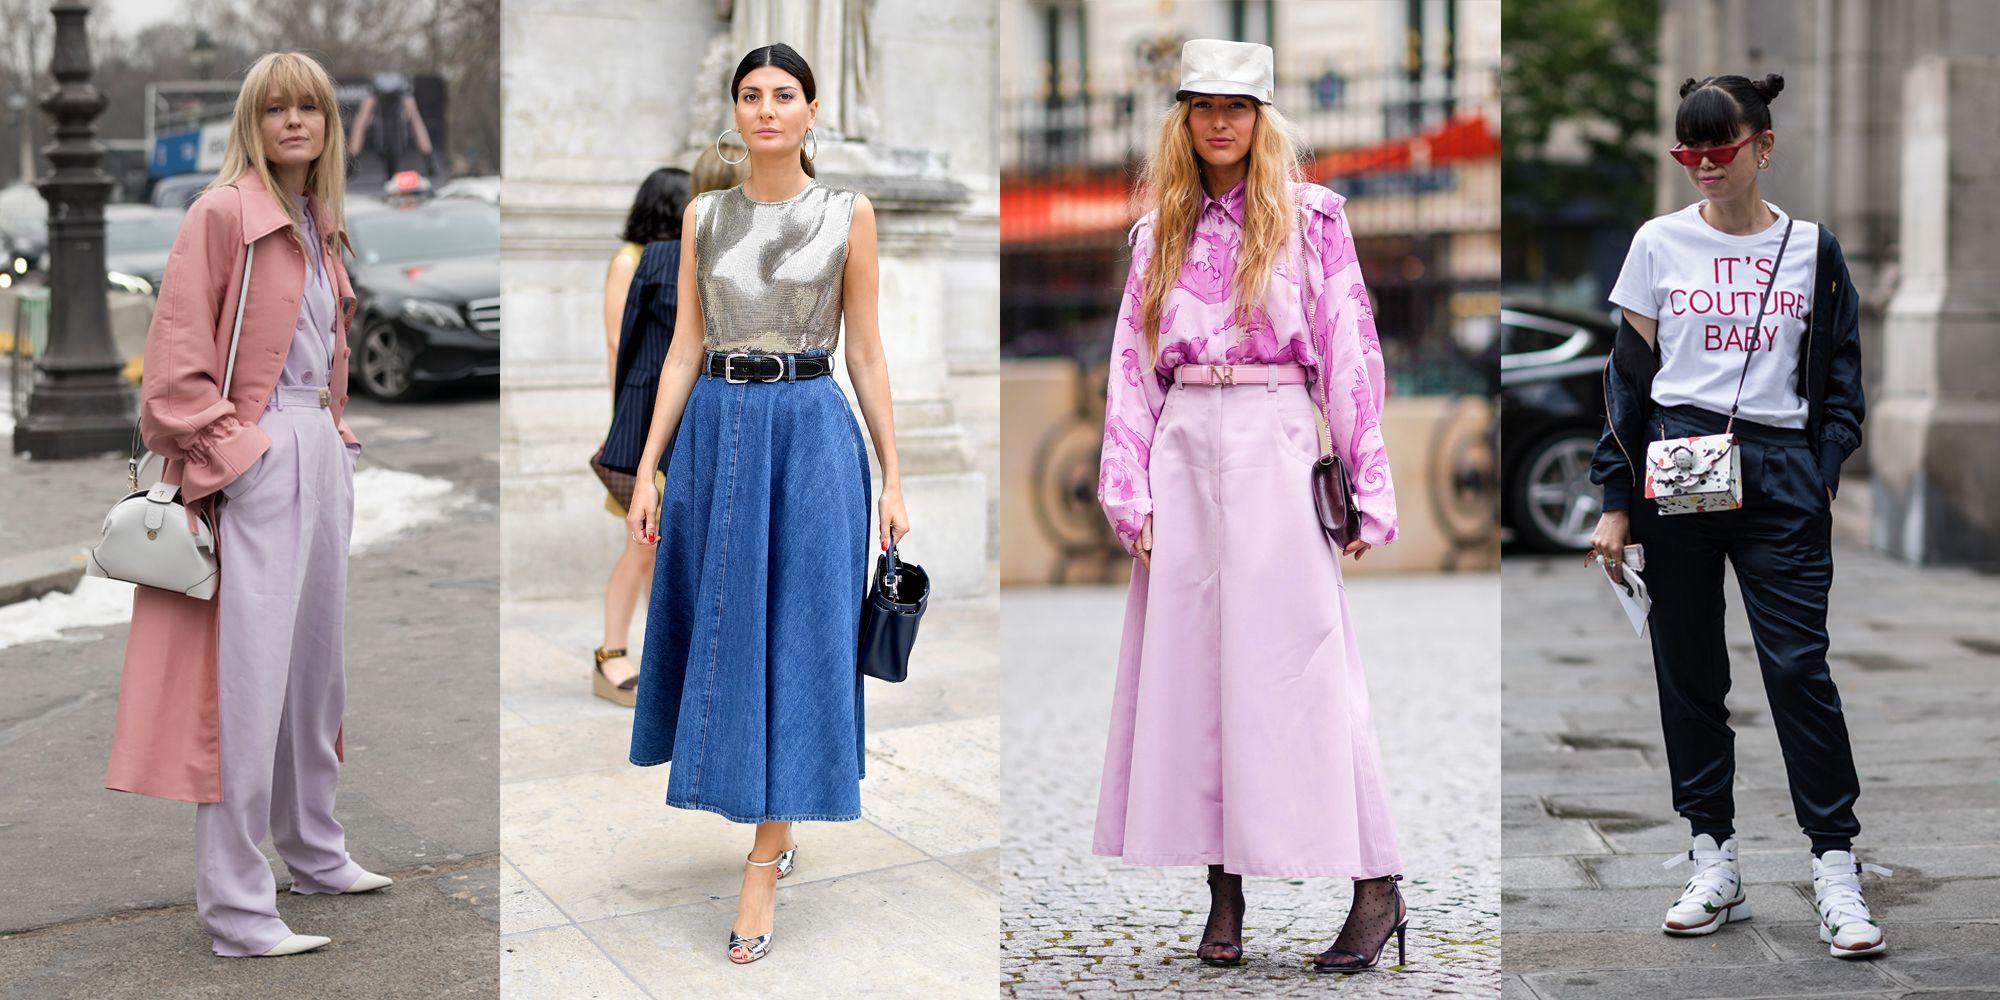 De estilistas a influencers (y viceversa): las instagramers que hacen carrera en la moda